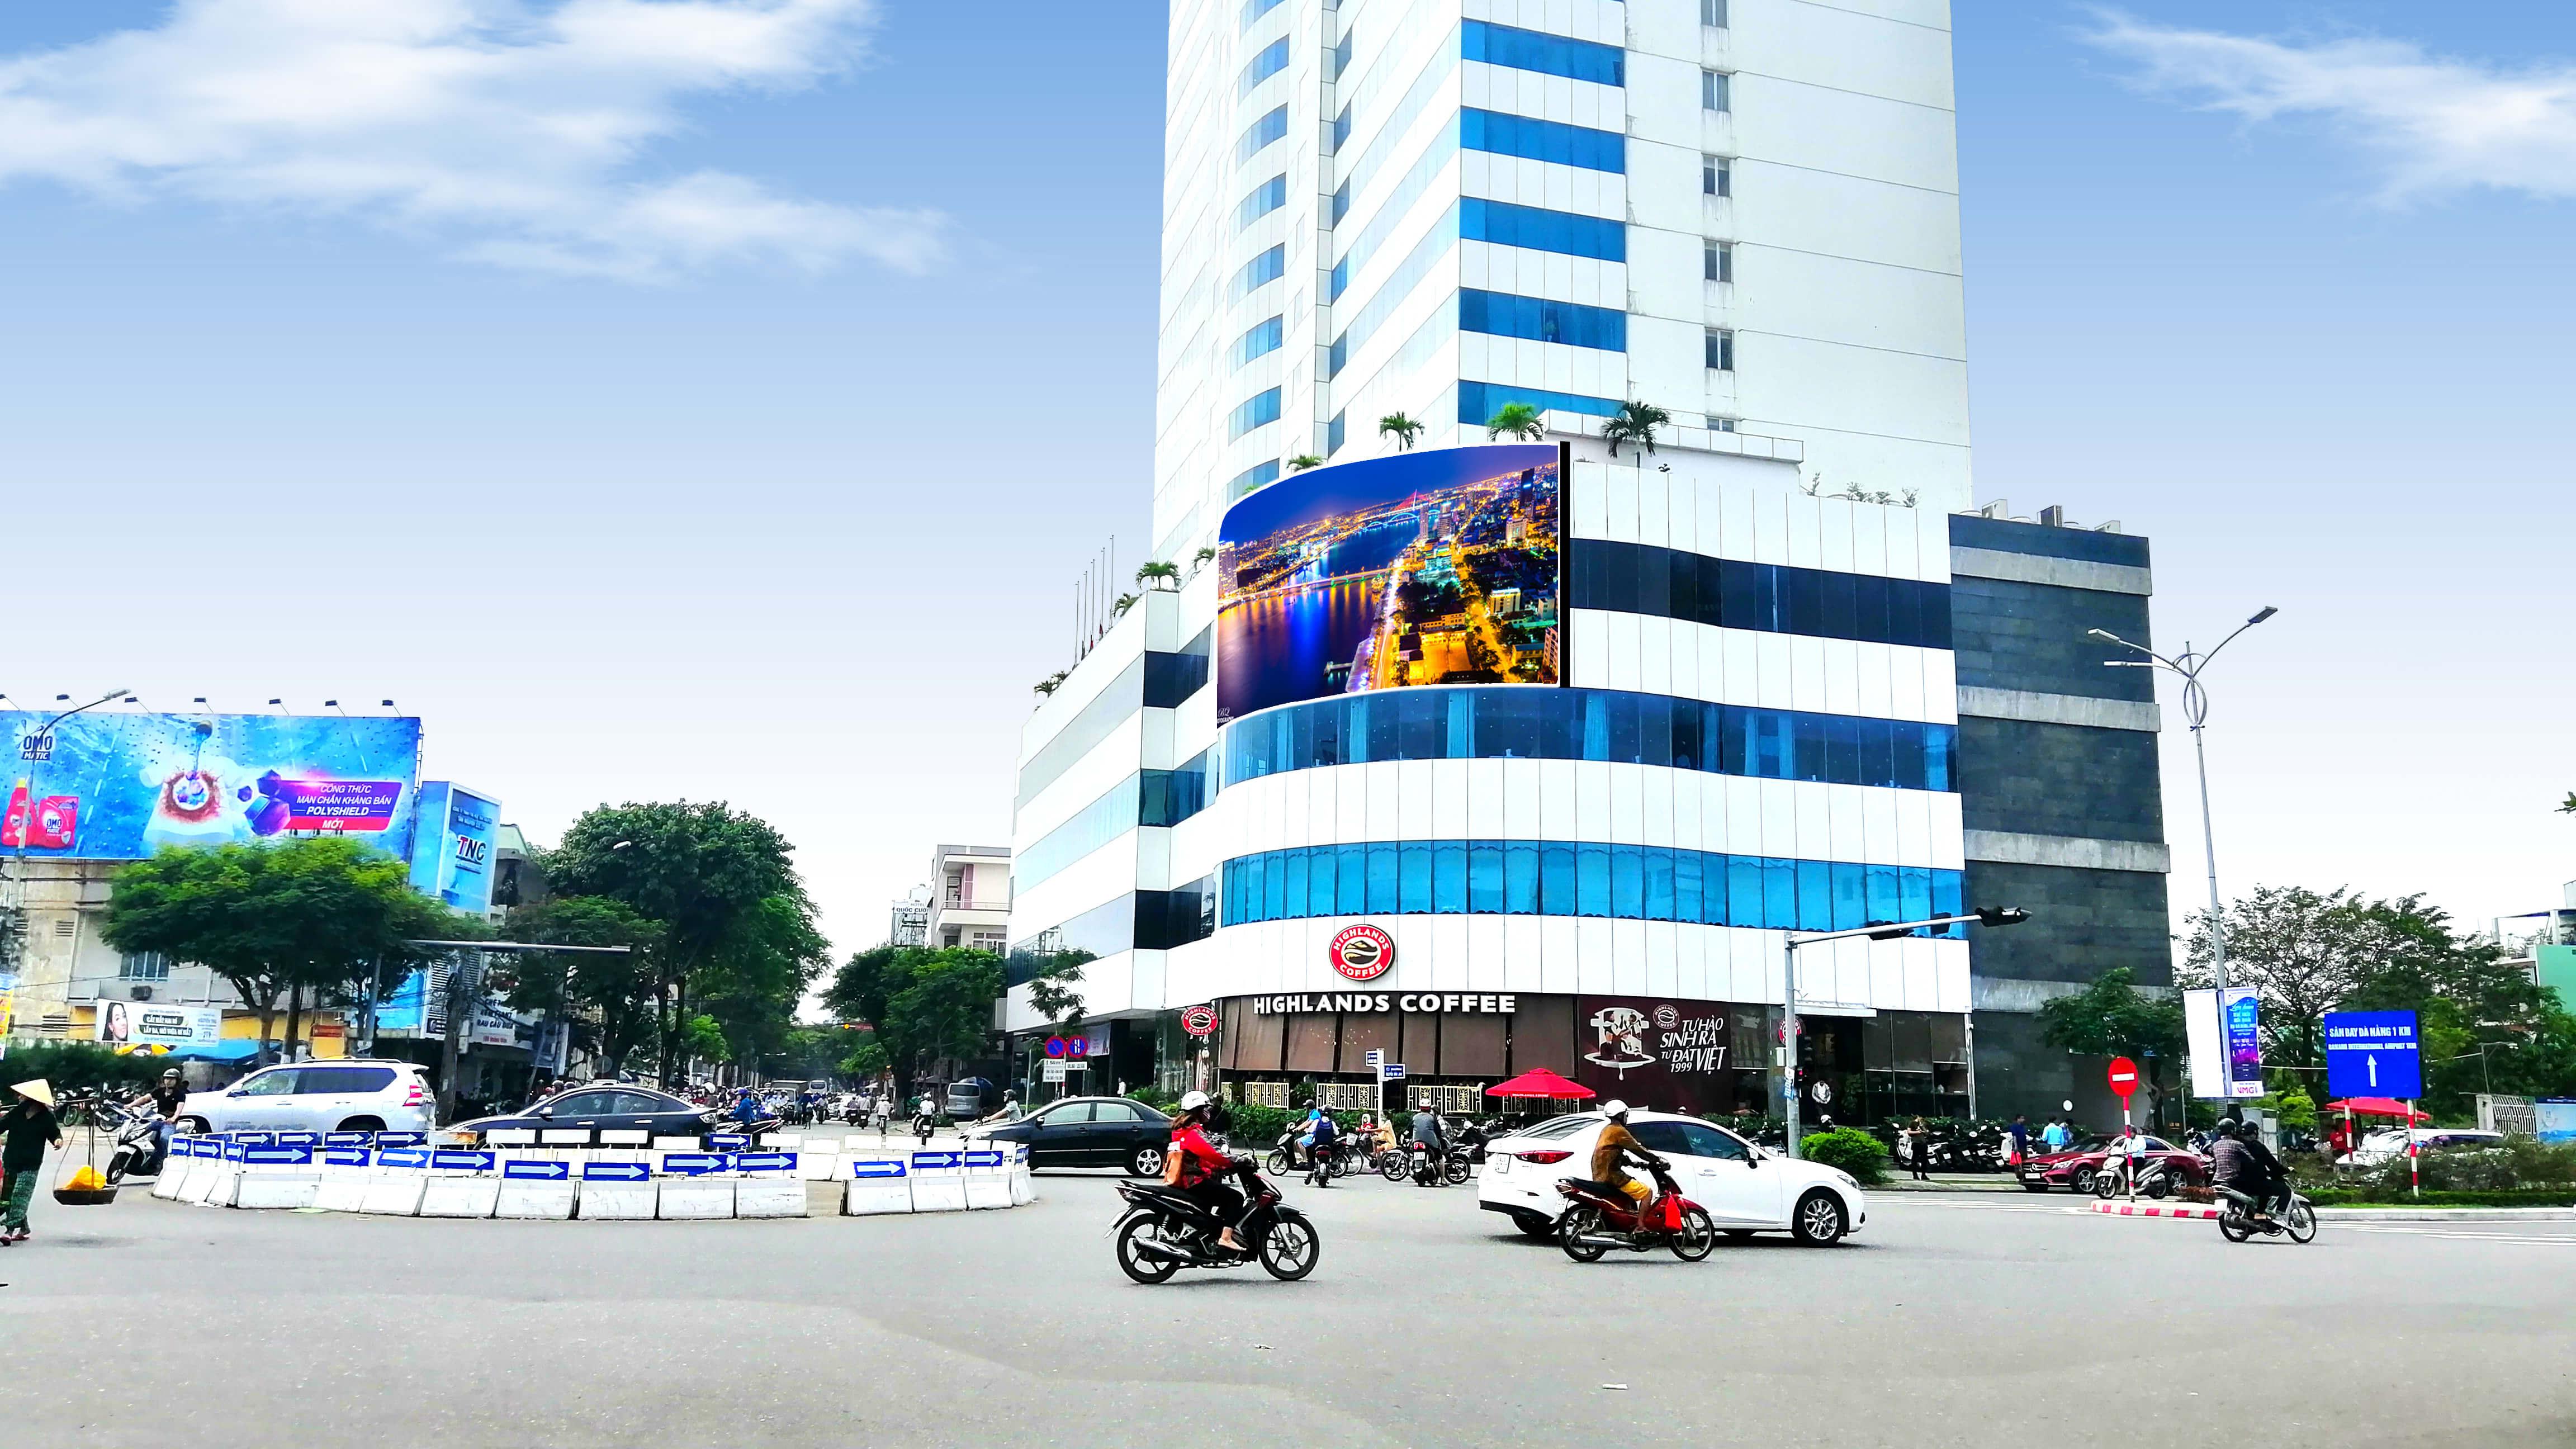 Hướng Nhìn từ Triệu Nữ Vương ra Nguyễn Văn Linh